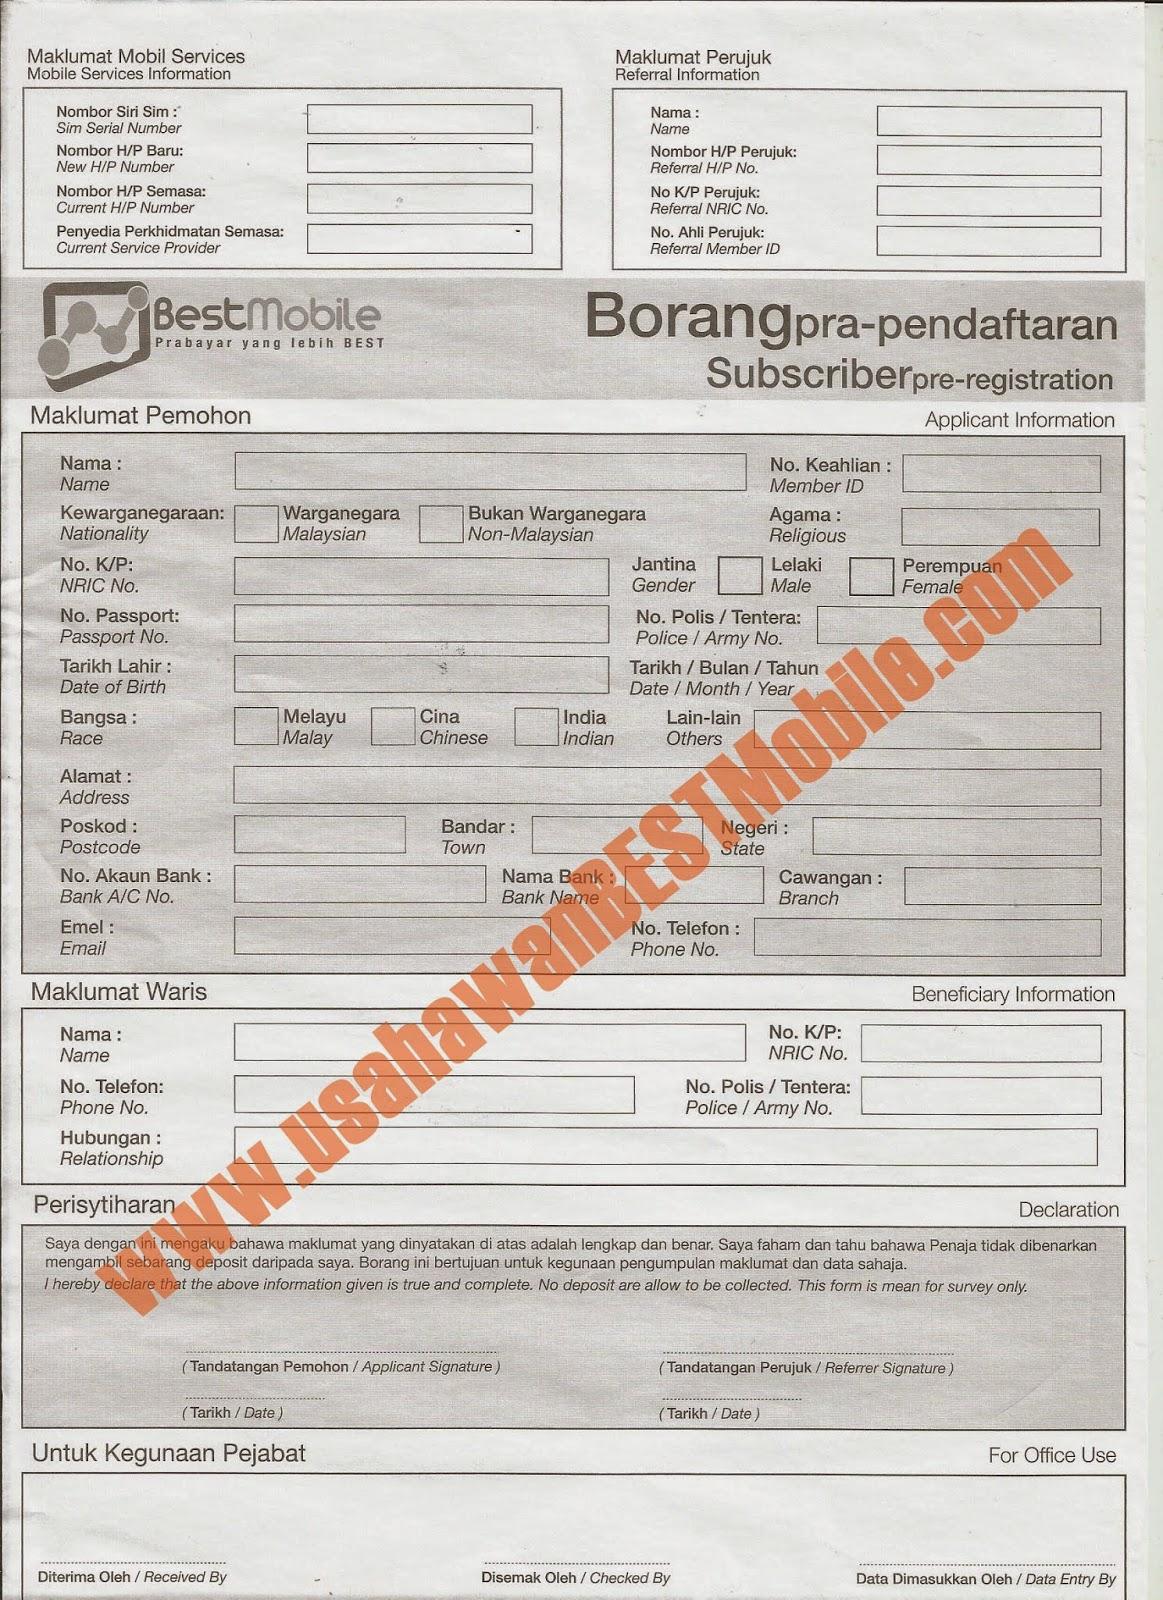 Download Borang Pra Pendaftaran BESTMobile